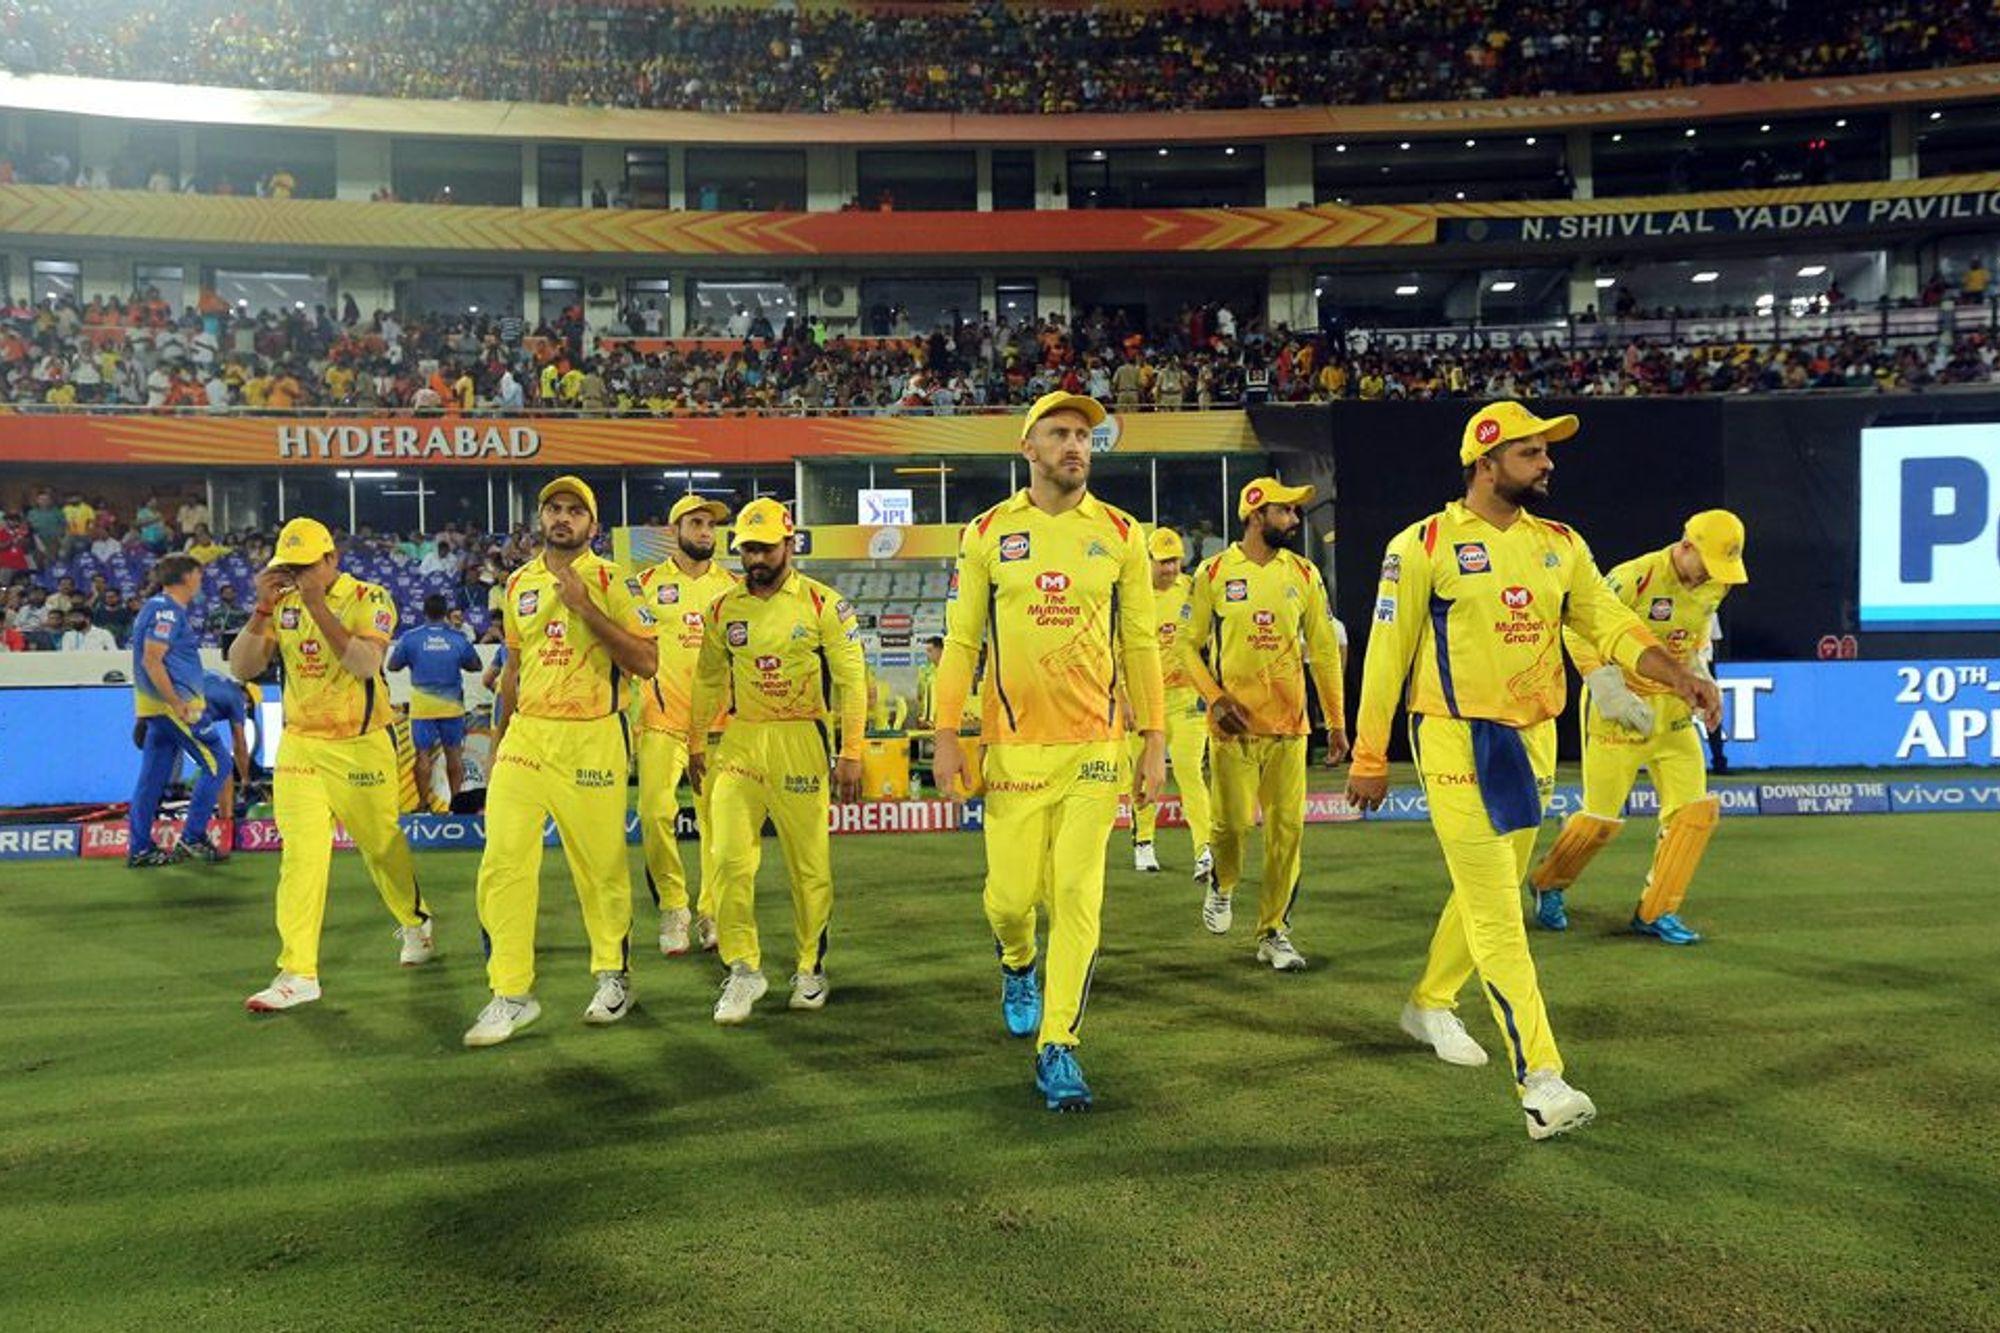 IPL 2019 Playoff